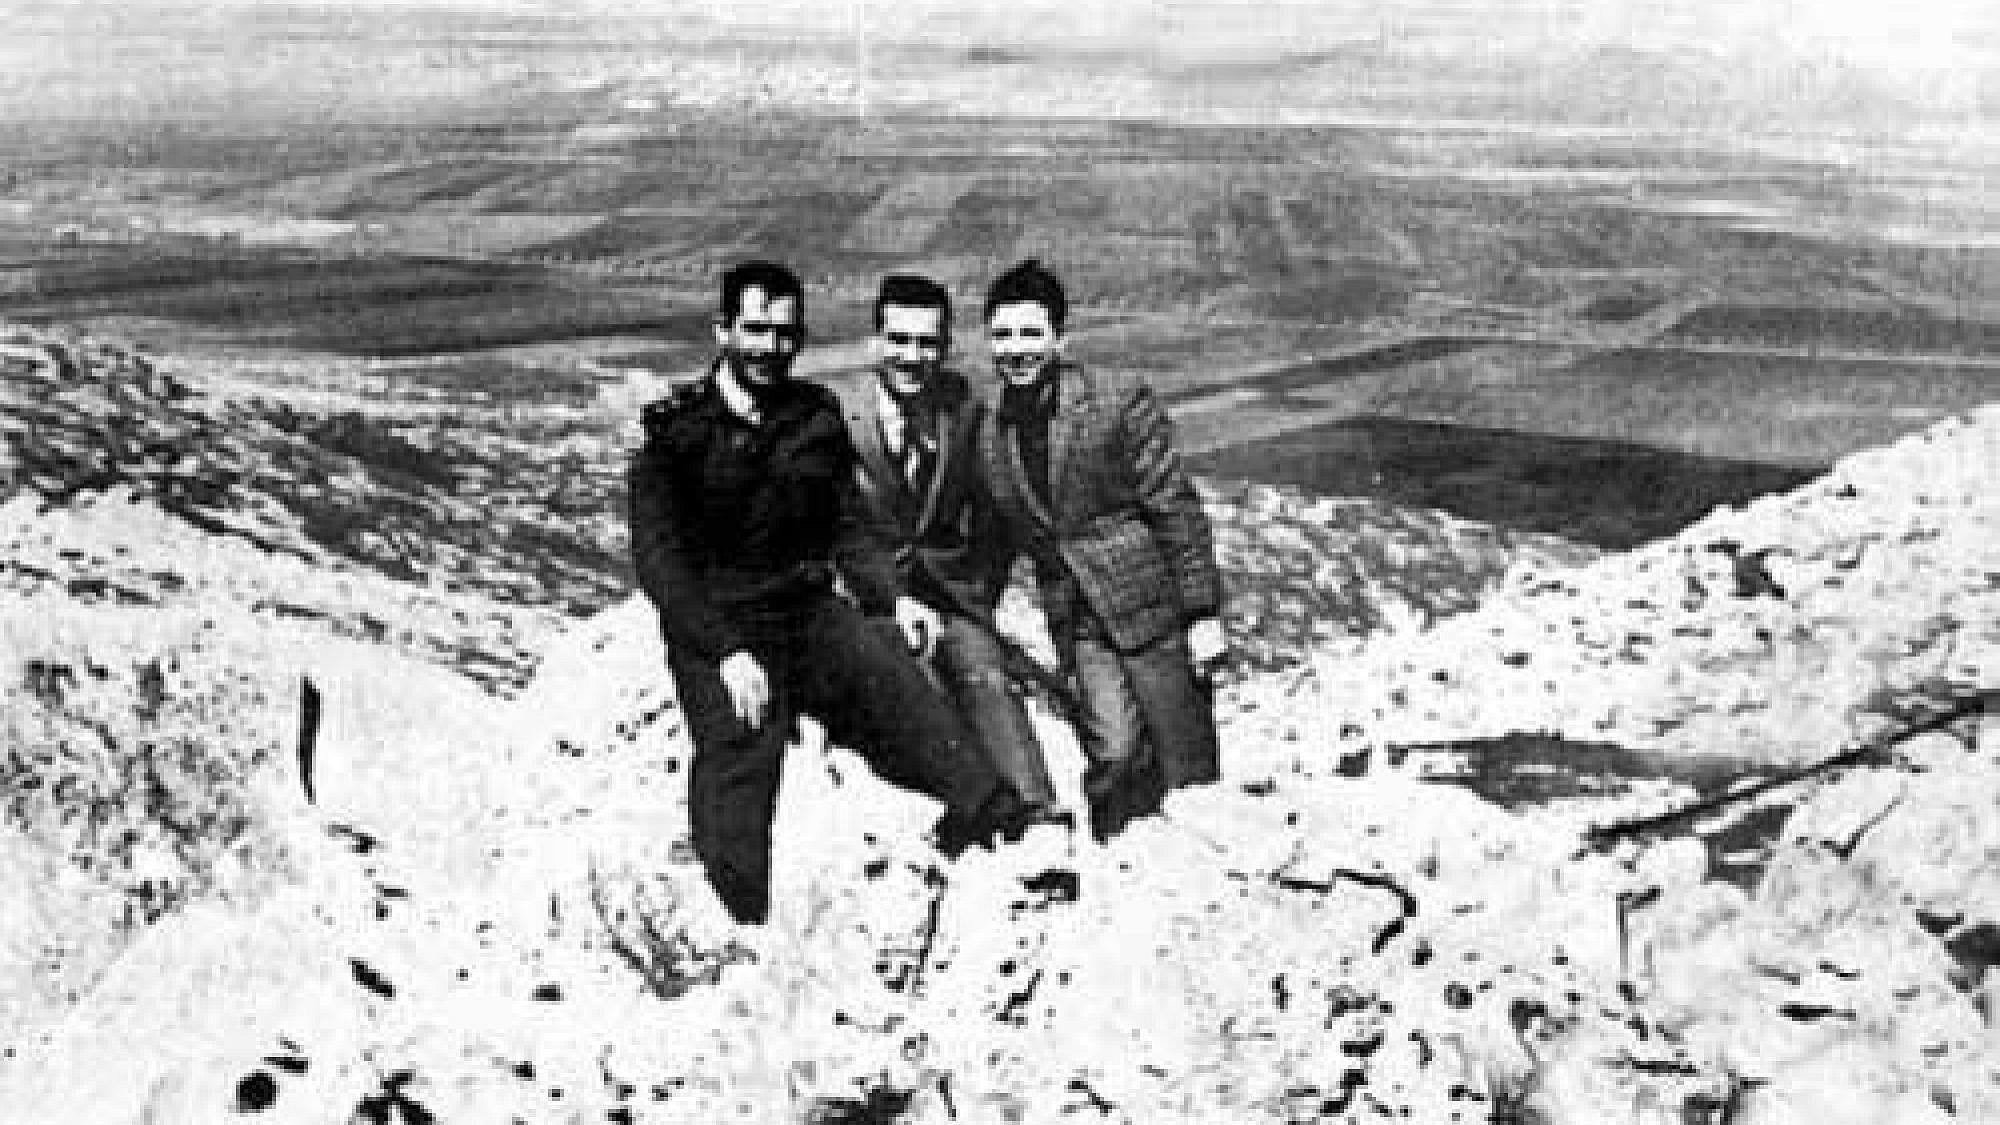 Эли Коэн (в центре) изображает из себя арабского торговца Камеля Амина Тхабета со своими друзьями из сирийской армии на Голанских высотах, возвышающихся над Израилем, середина 1960-х годов. Предоставлено: фото сирийских военнослужащих через Wikimedia Commons.